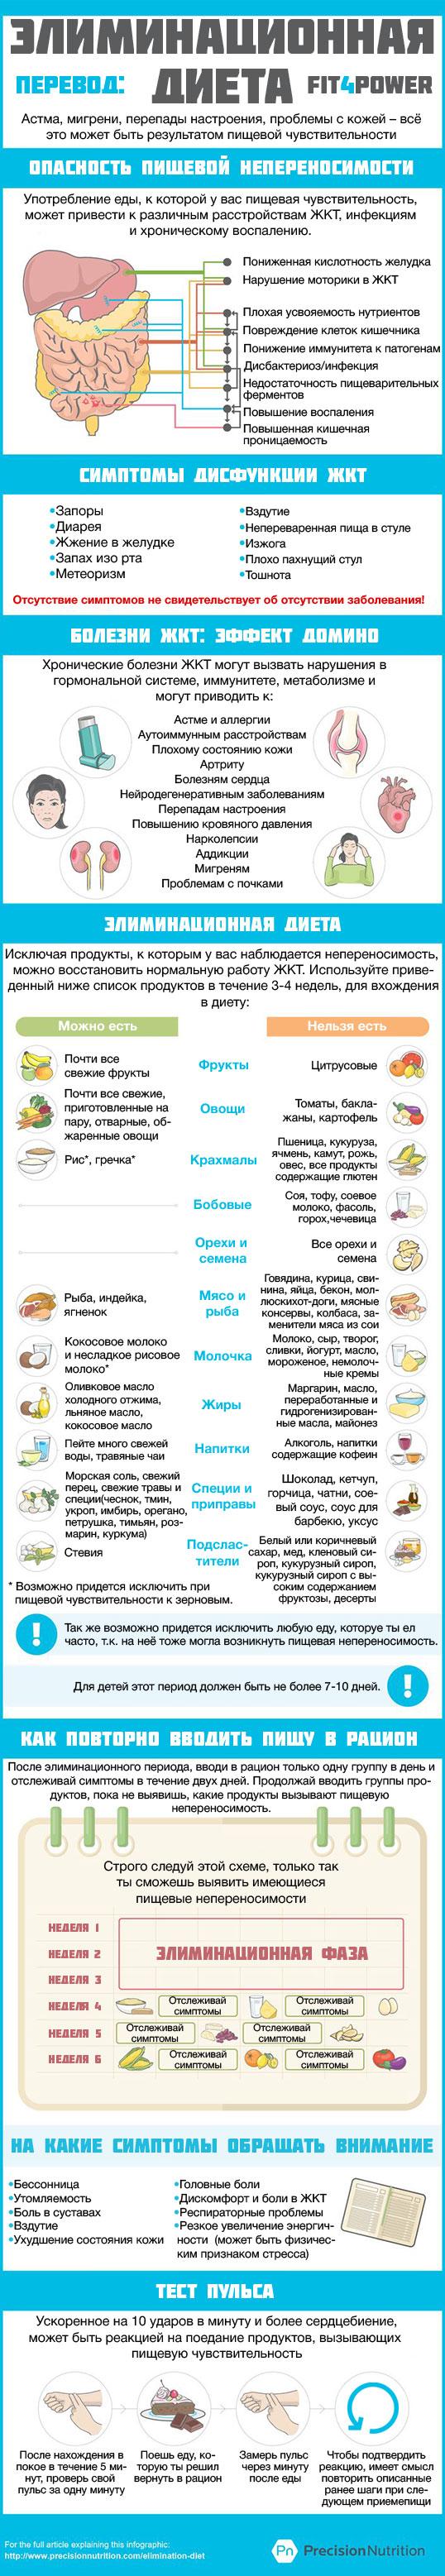 Элиминационная диета: примерное меню на неделю